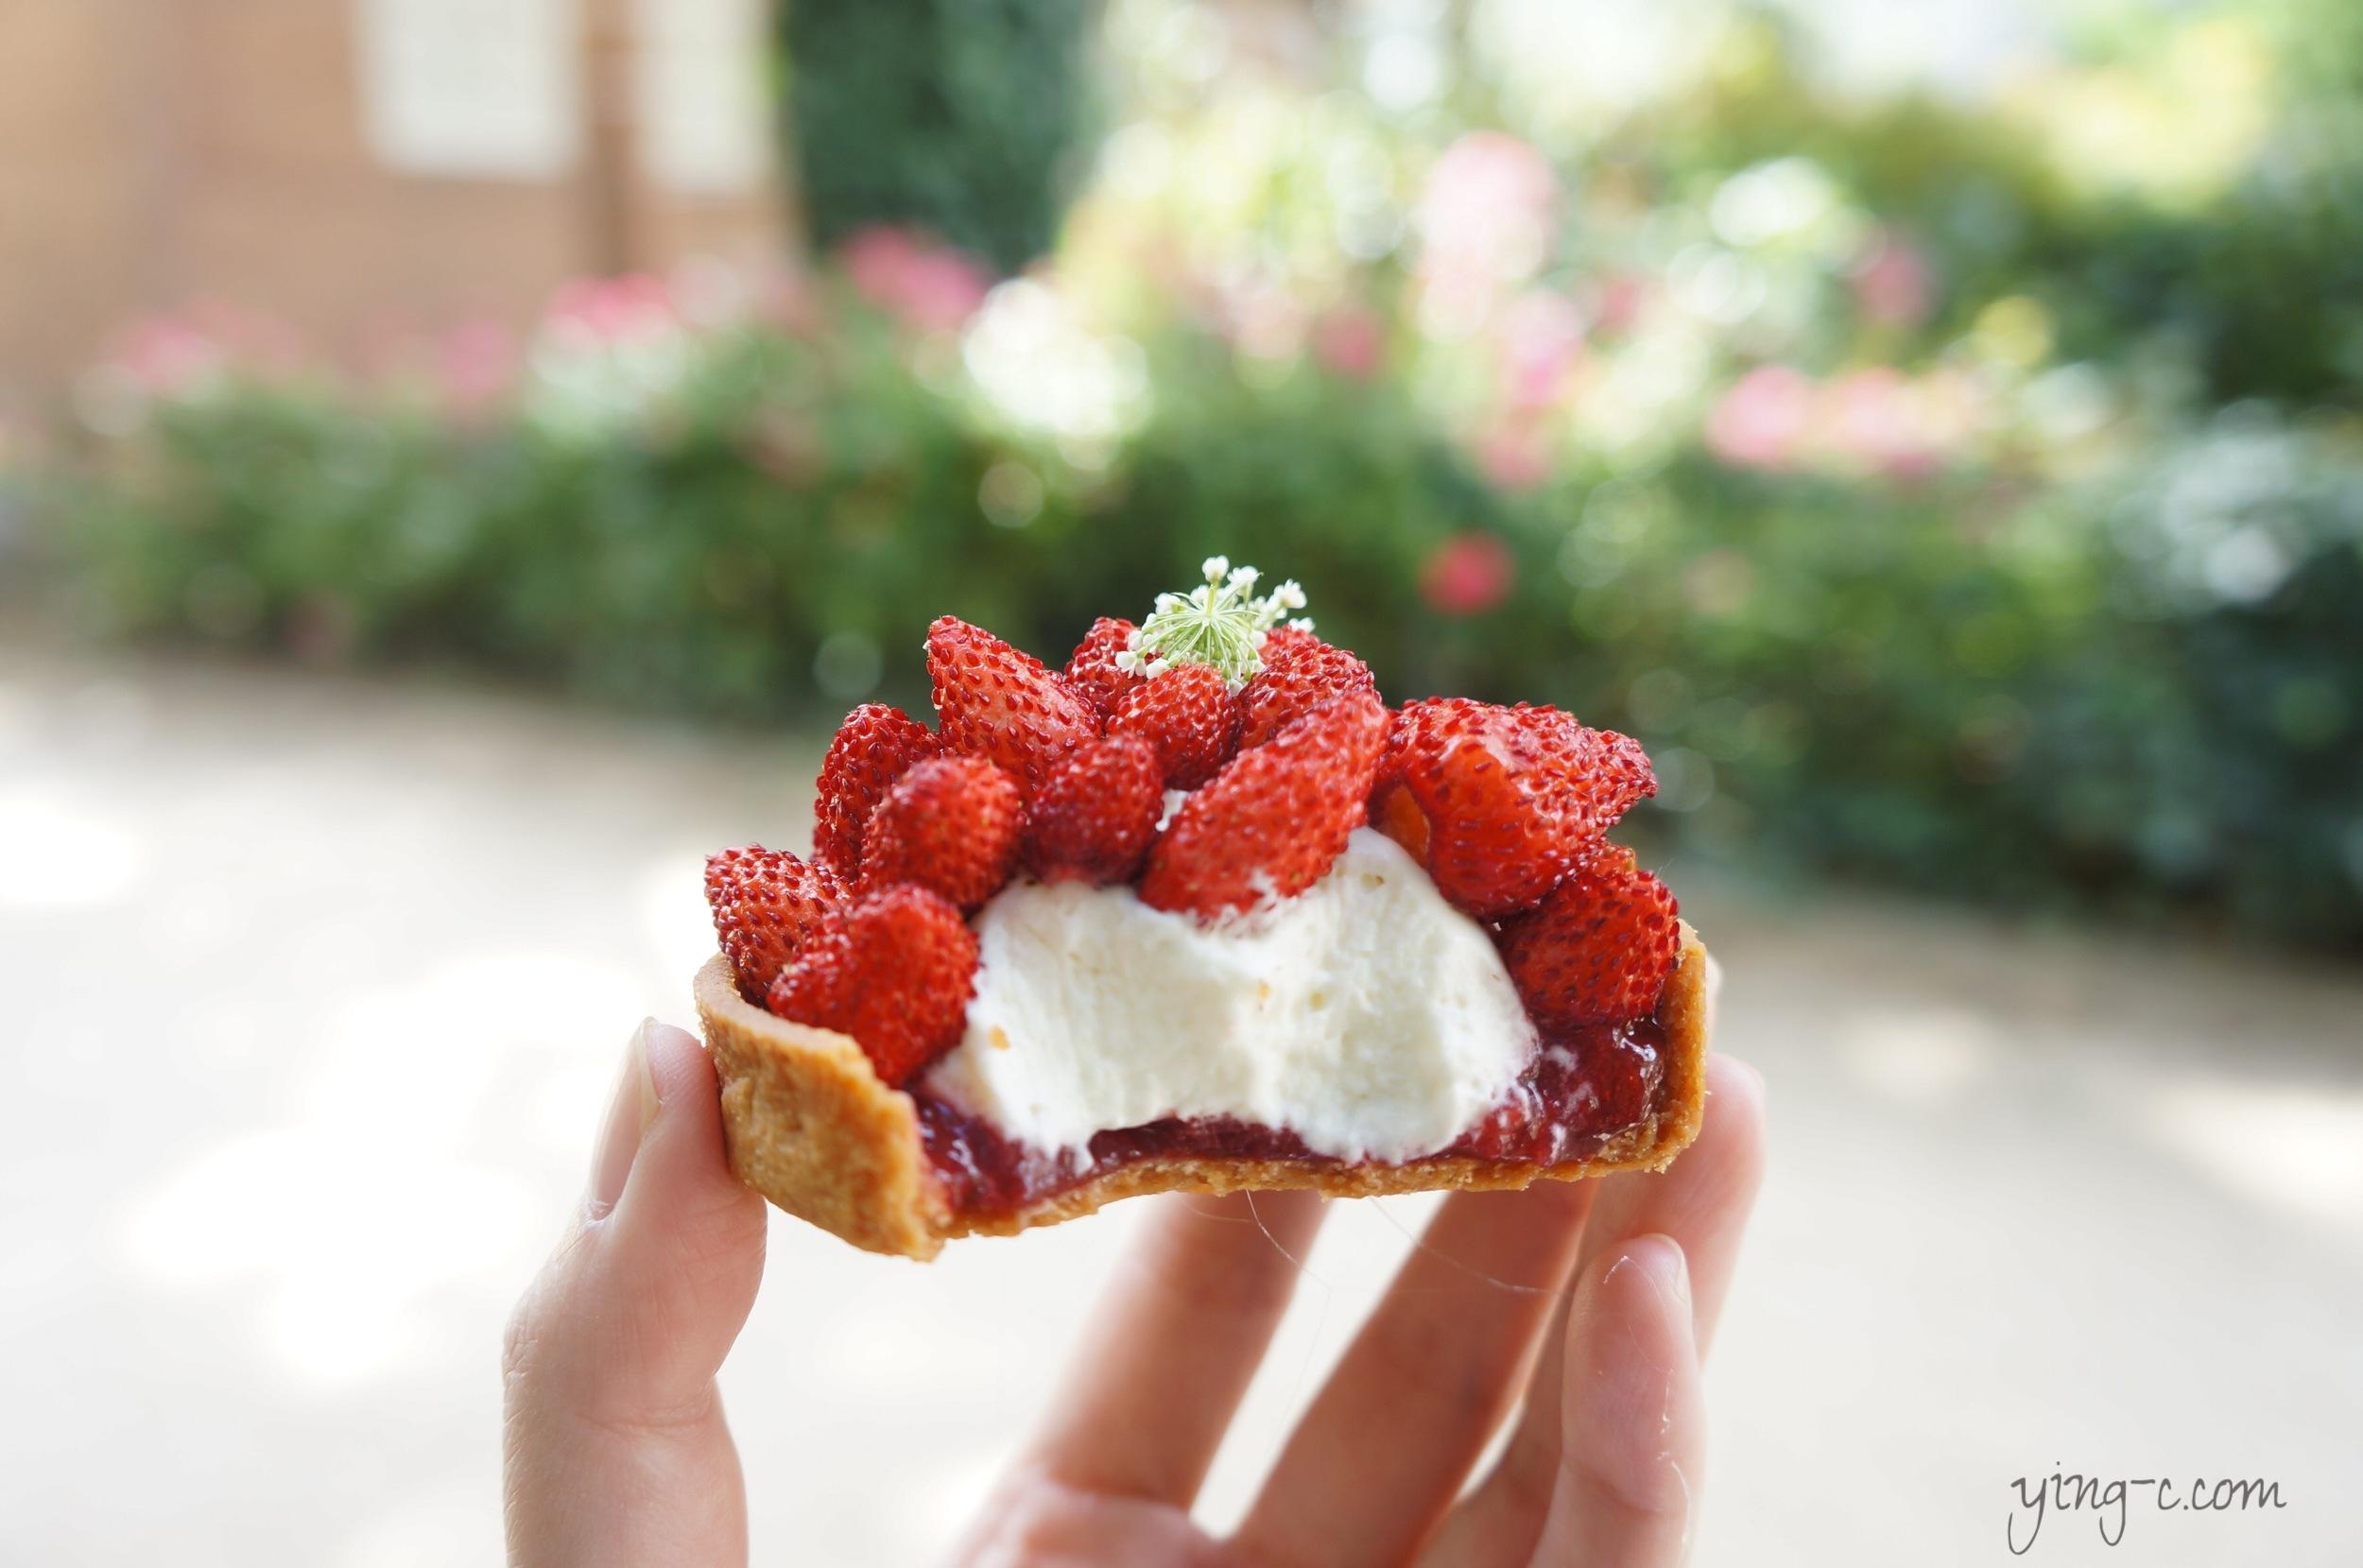 圖1: Des Gâteaux et du Pain  的甜點「Fragaria Vesca」(野莓)。簡單的一個野莓塔,也有塔皮、糖煮野莓、繡線菊奶醬、新鮮野莓與接骨木花等五種組成。(攝影:Ying Chen)